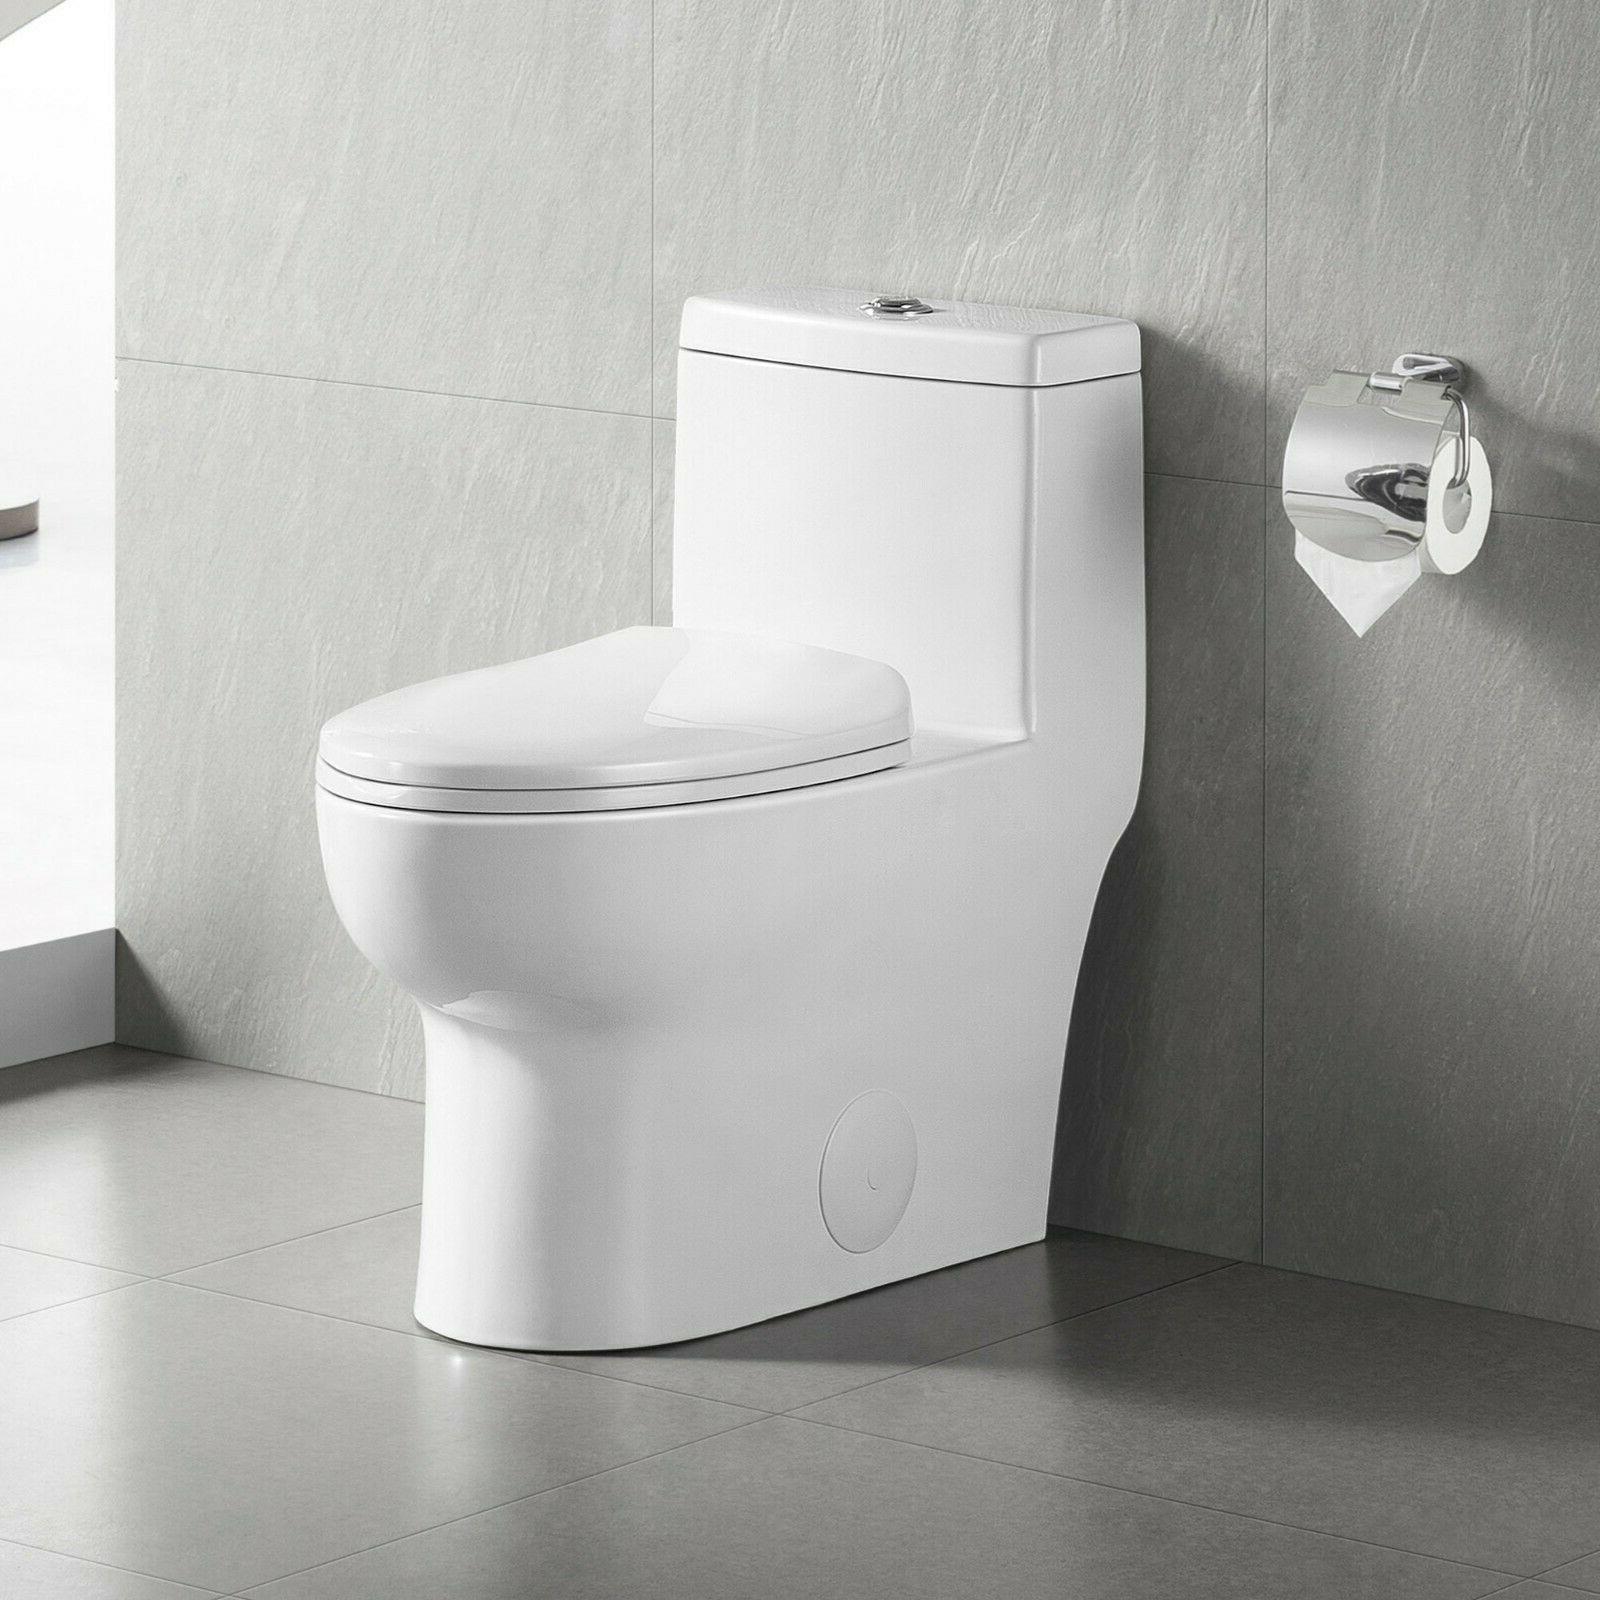 dual flush elongated one piece porcelain toilet